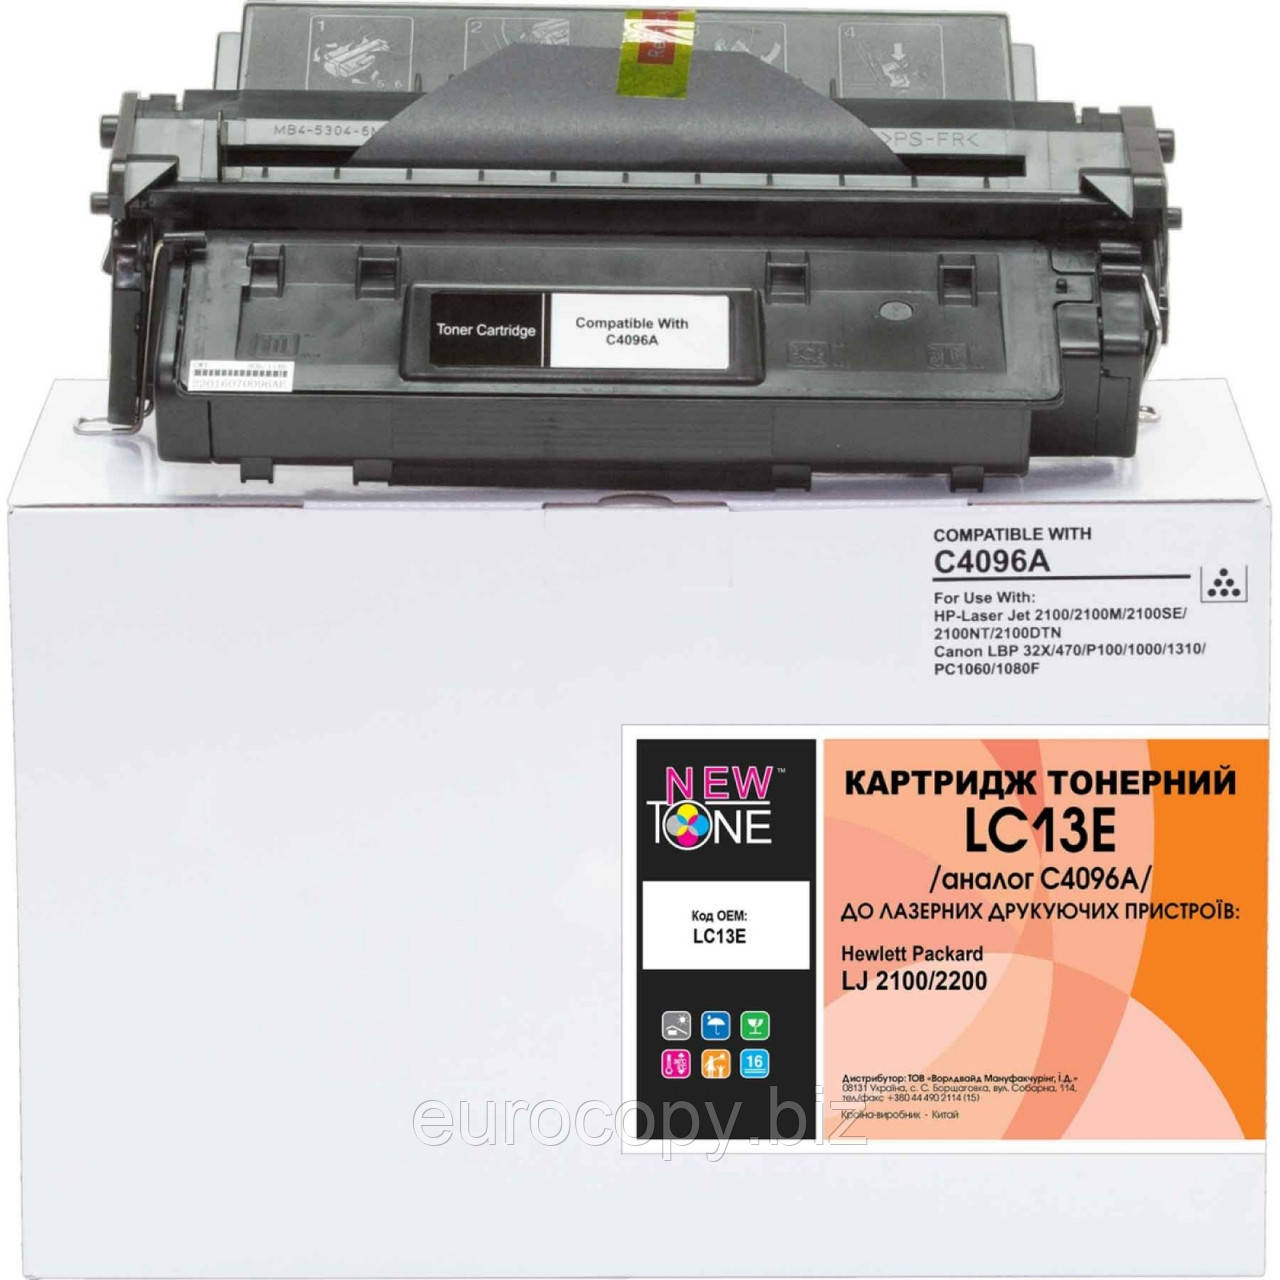 Тонер-картридж NewTone для HP LaserJet 2100/2200 аналог C4096A Black (LC13E)